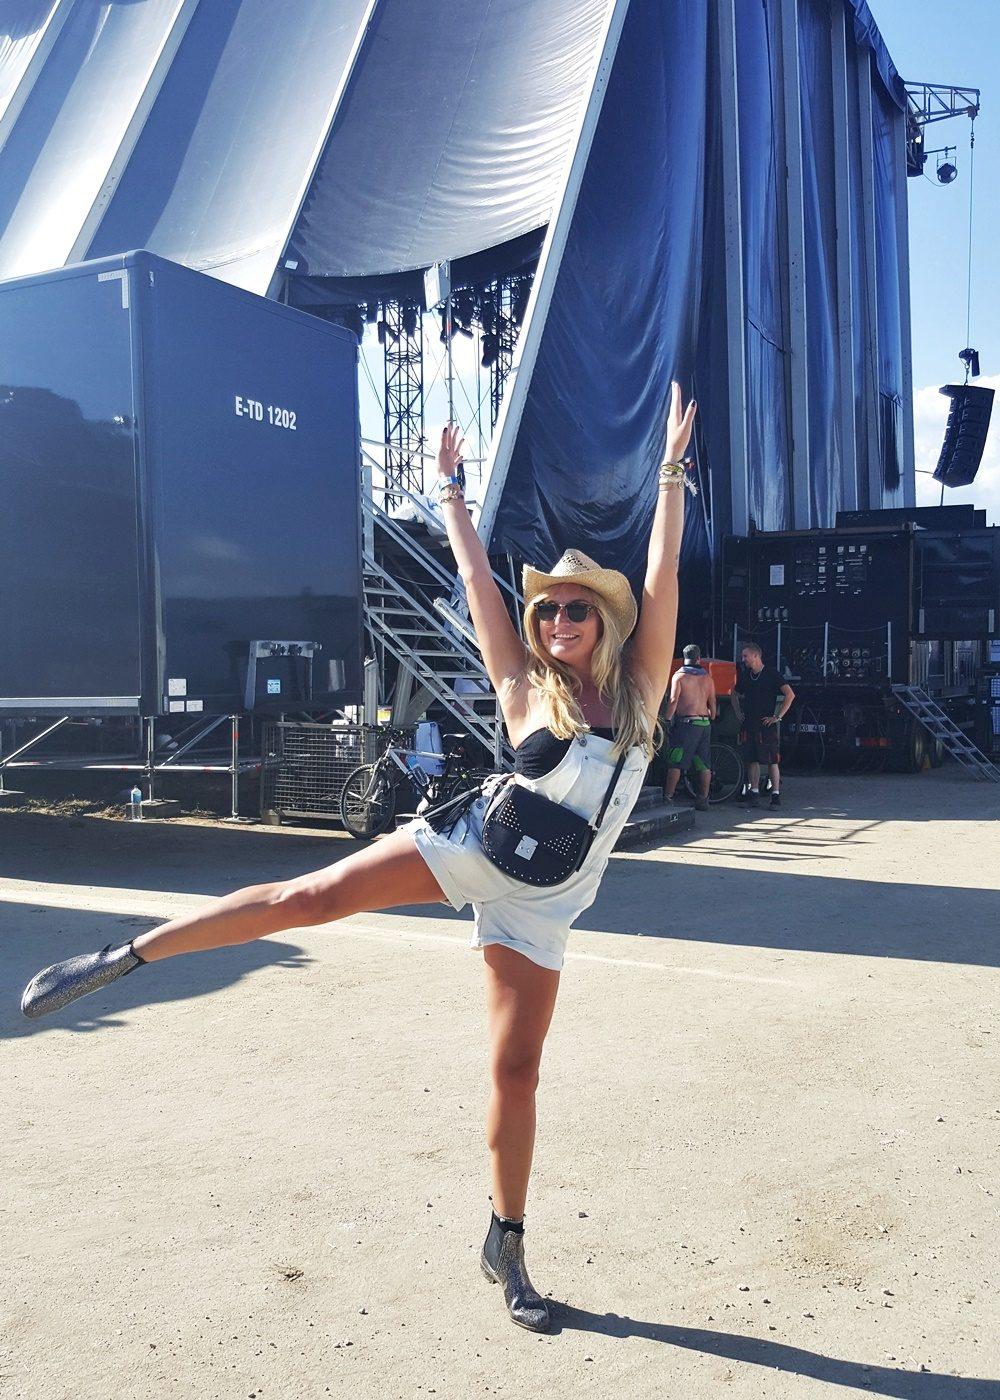 Southside Festival 2016 Festivalblogger Bericht Unwetter (15)